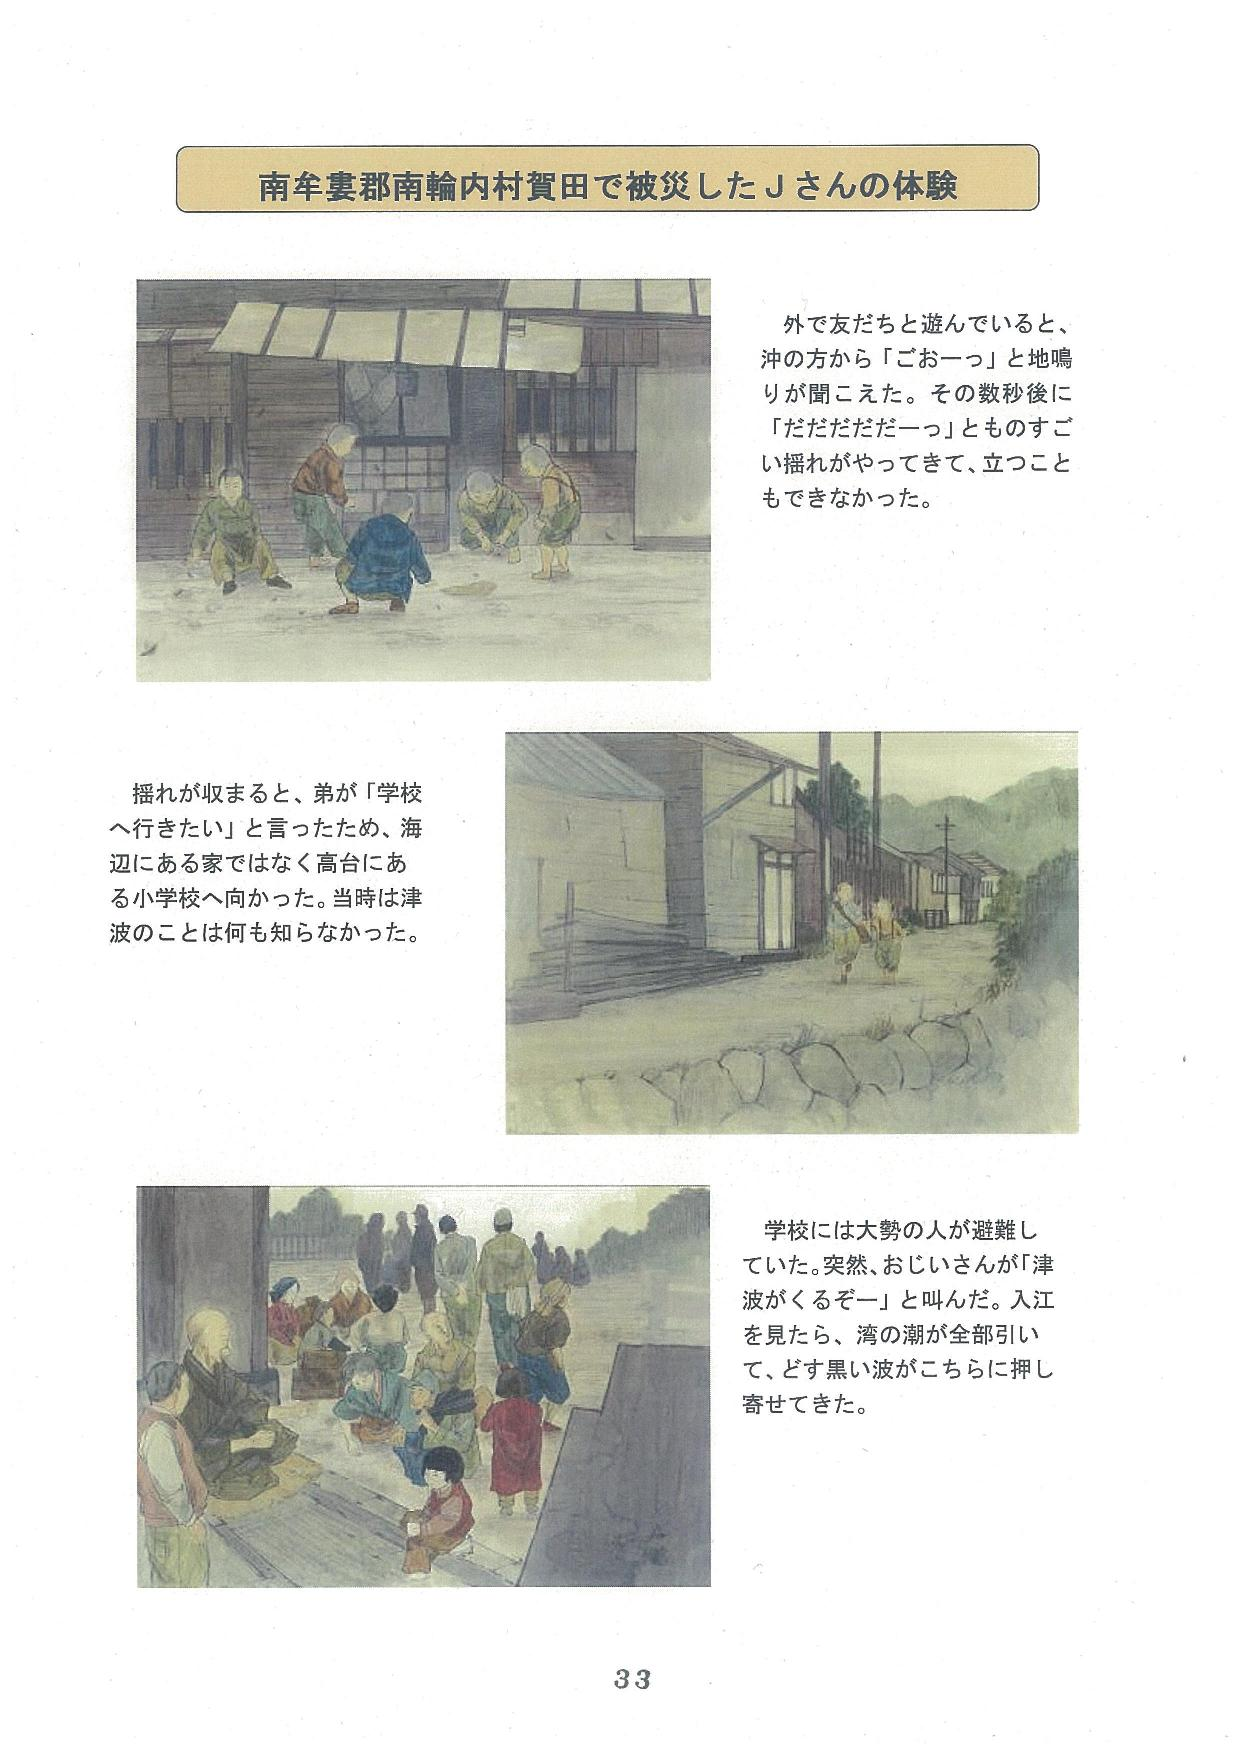 20171208-02_ページ_33